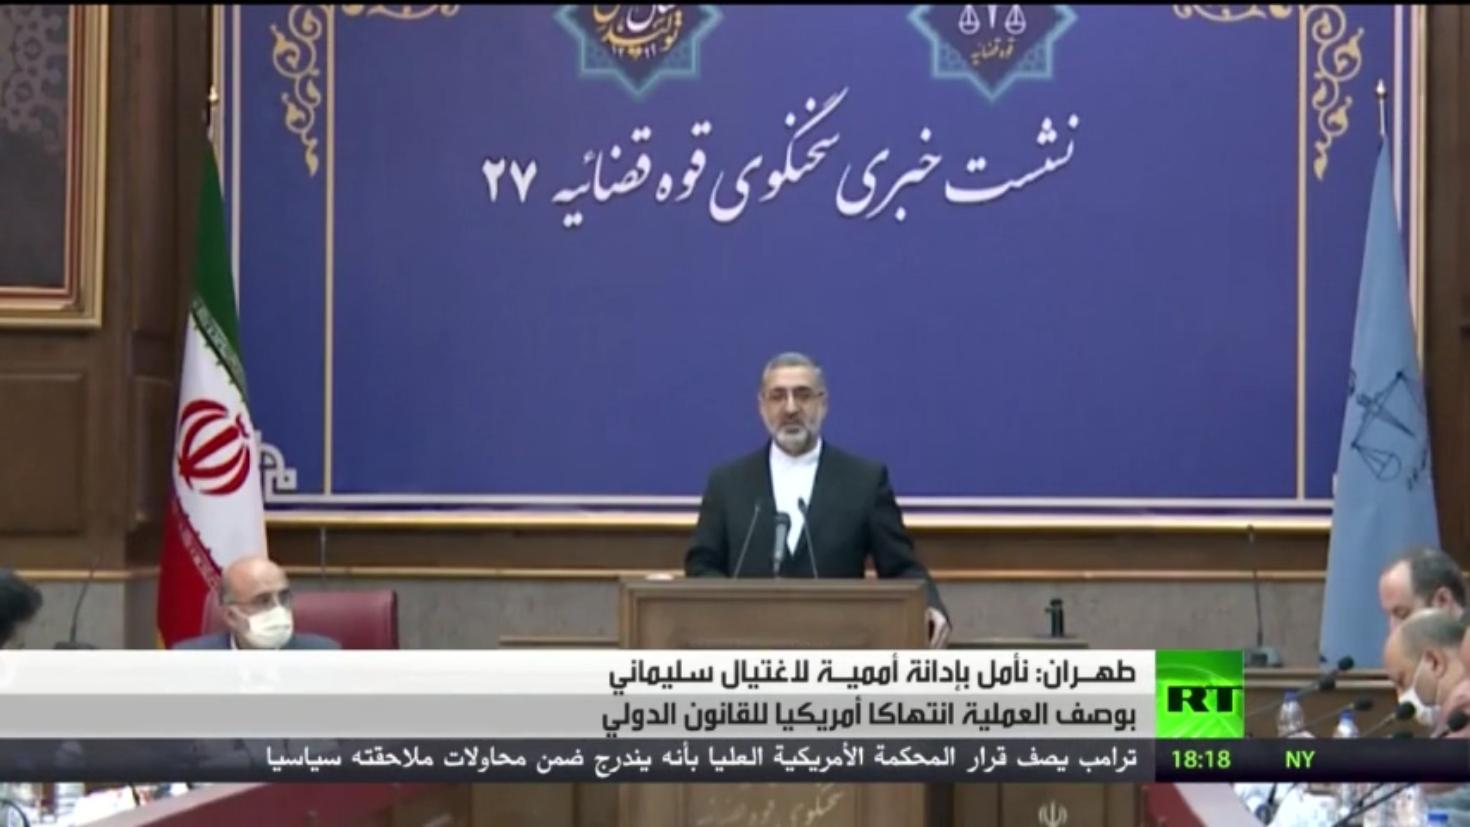 طهران: نأمل بإدانة أممية لاغتيال سليماني